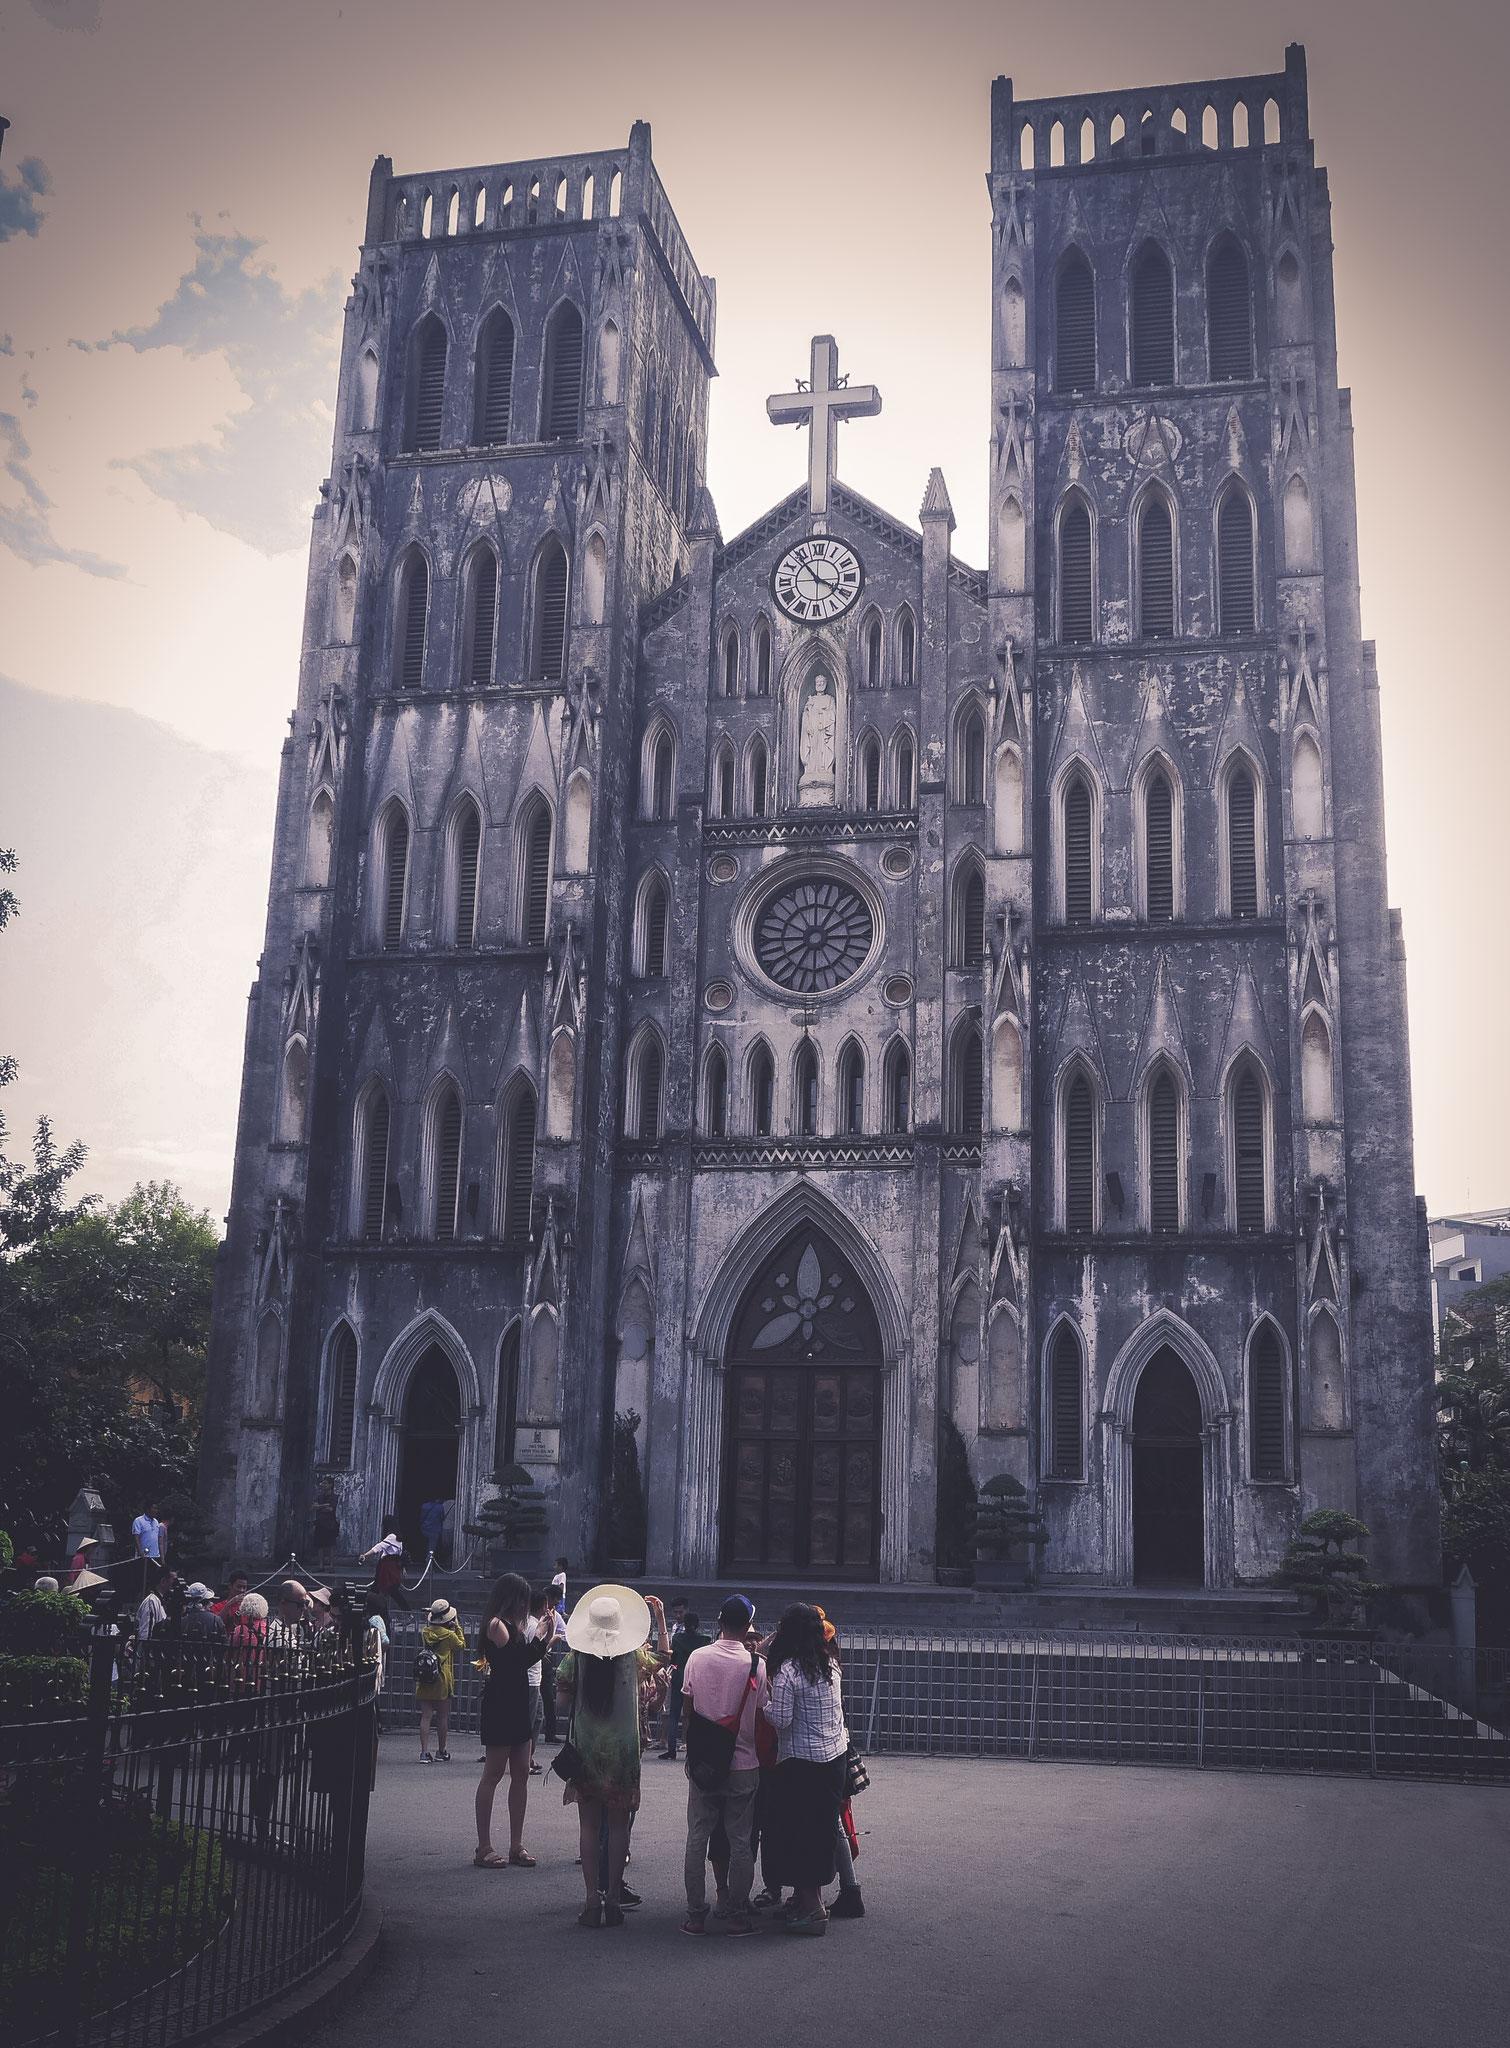 Hanoi - St. Joseph's Cathedral